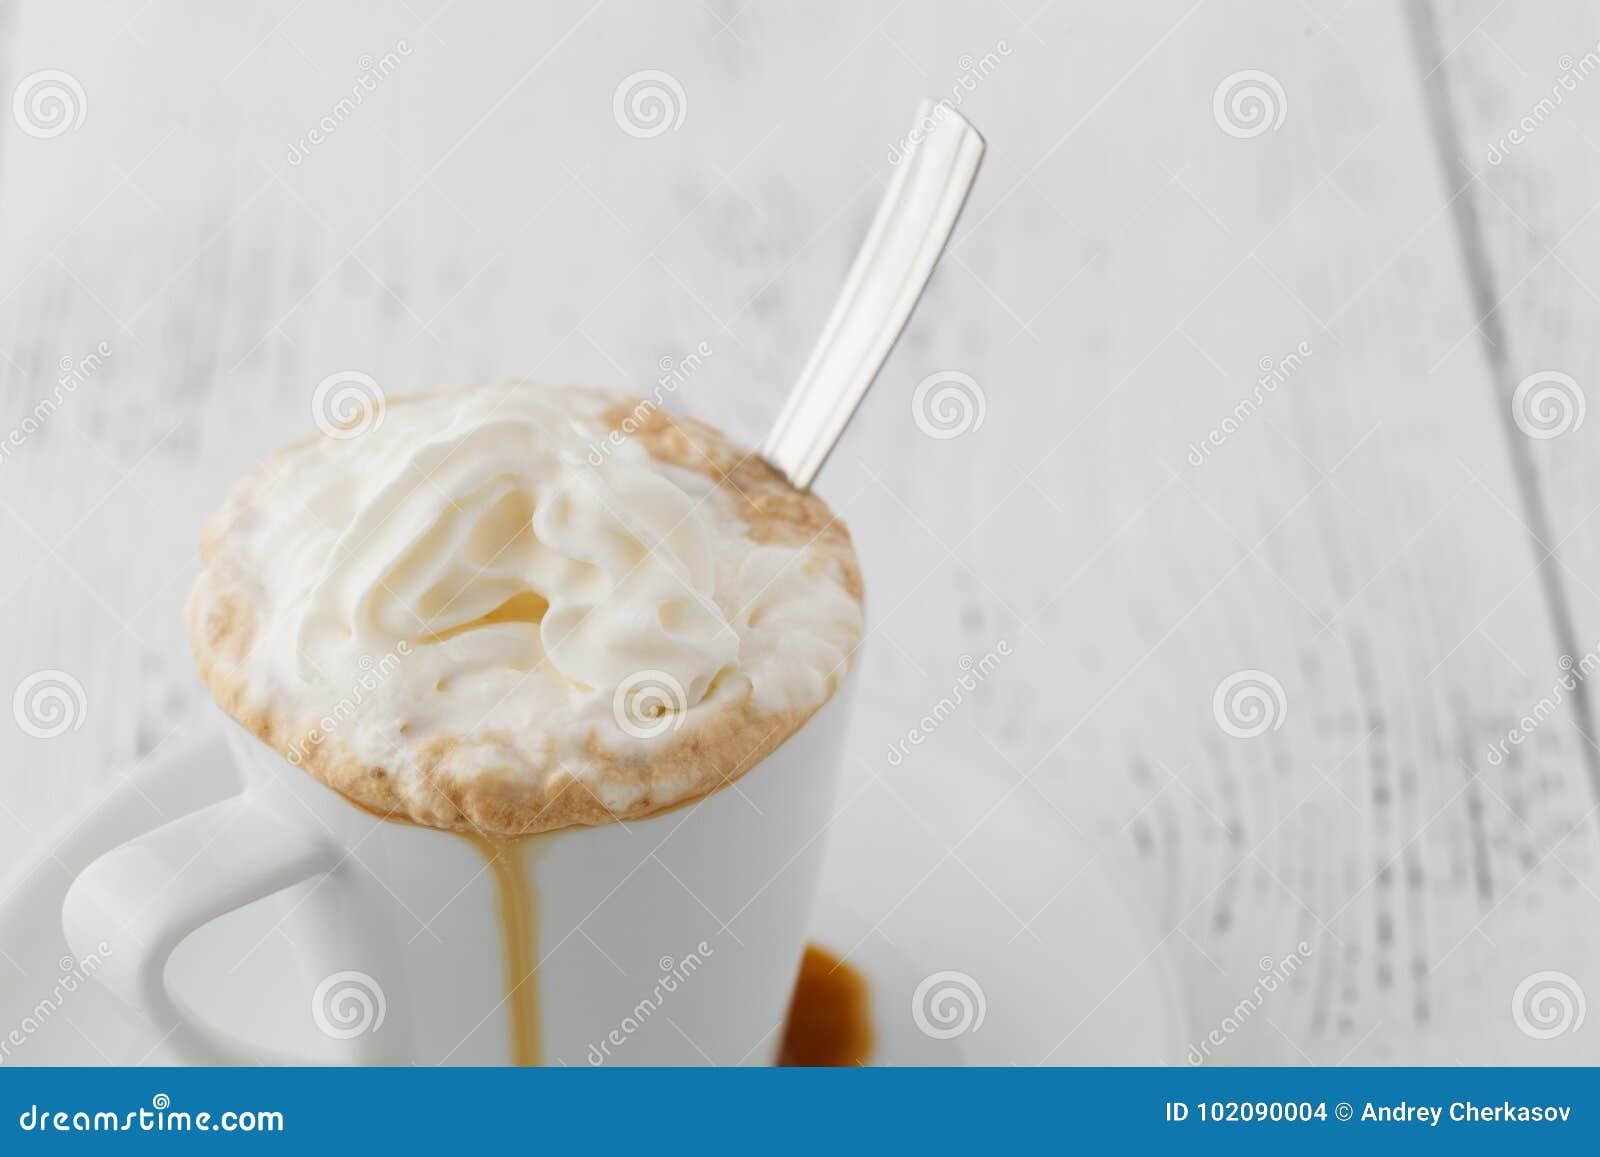 Eis und Whip Cream Frappe Coffee With-Schokoladen-Belags-Abschluss oben